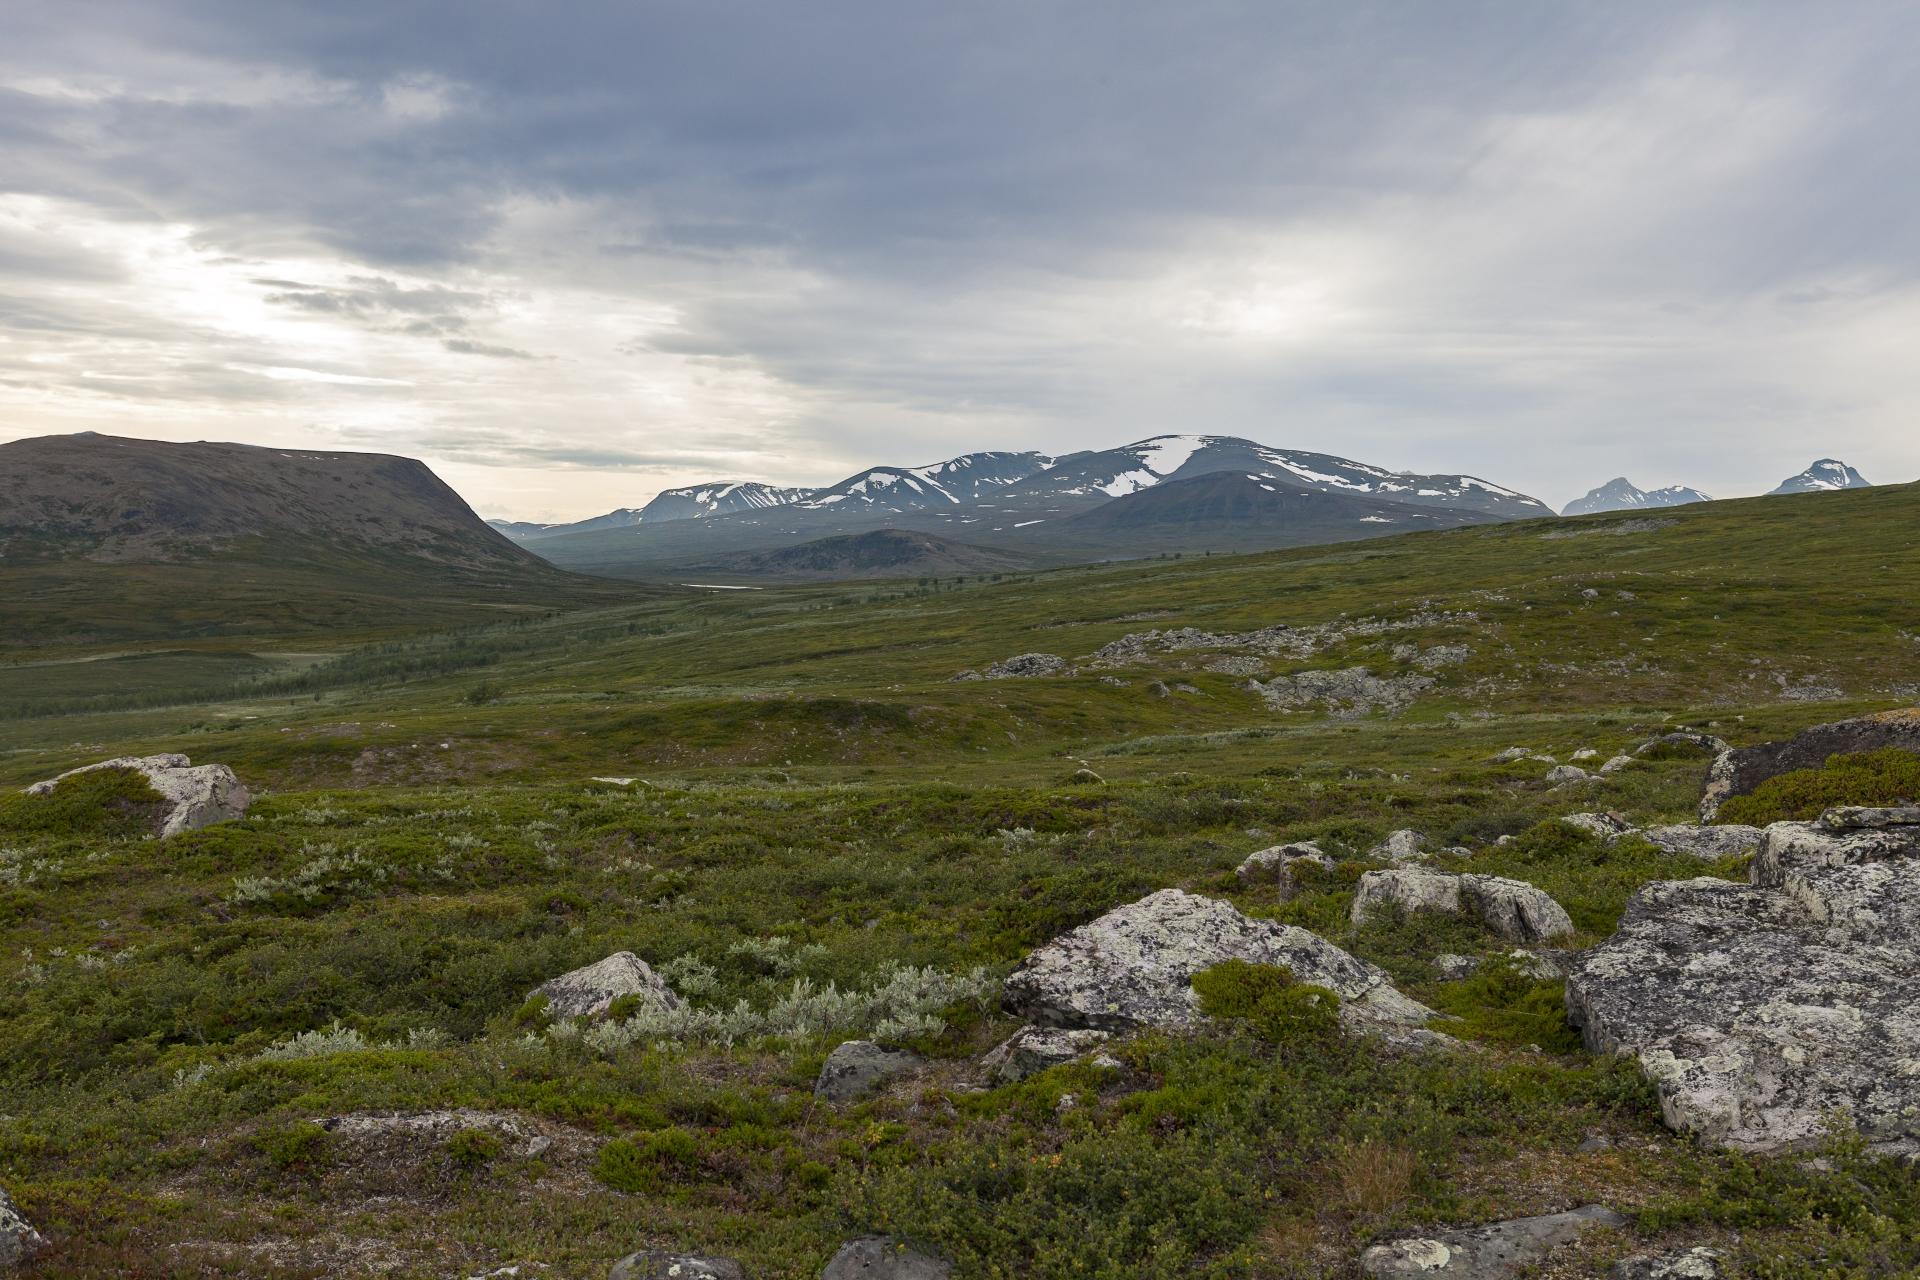 Der kleine Unna Jierttá und der größere Stuor Jierttá, links der Gallákvárre und im Hintergrund das Boarektjåhkkå-Massiv